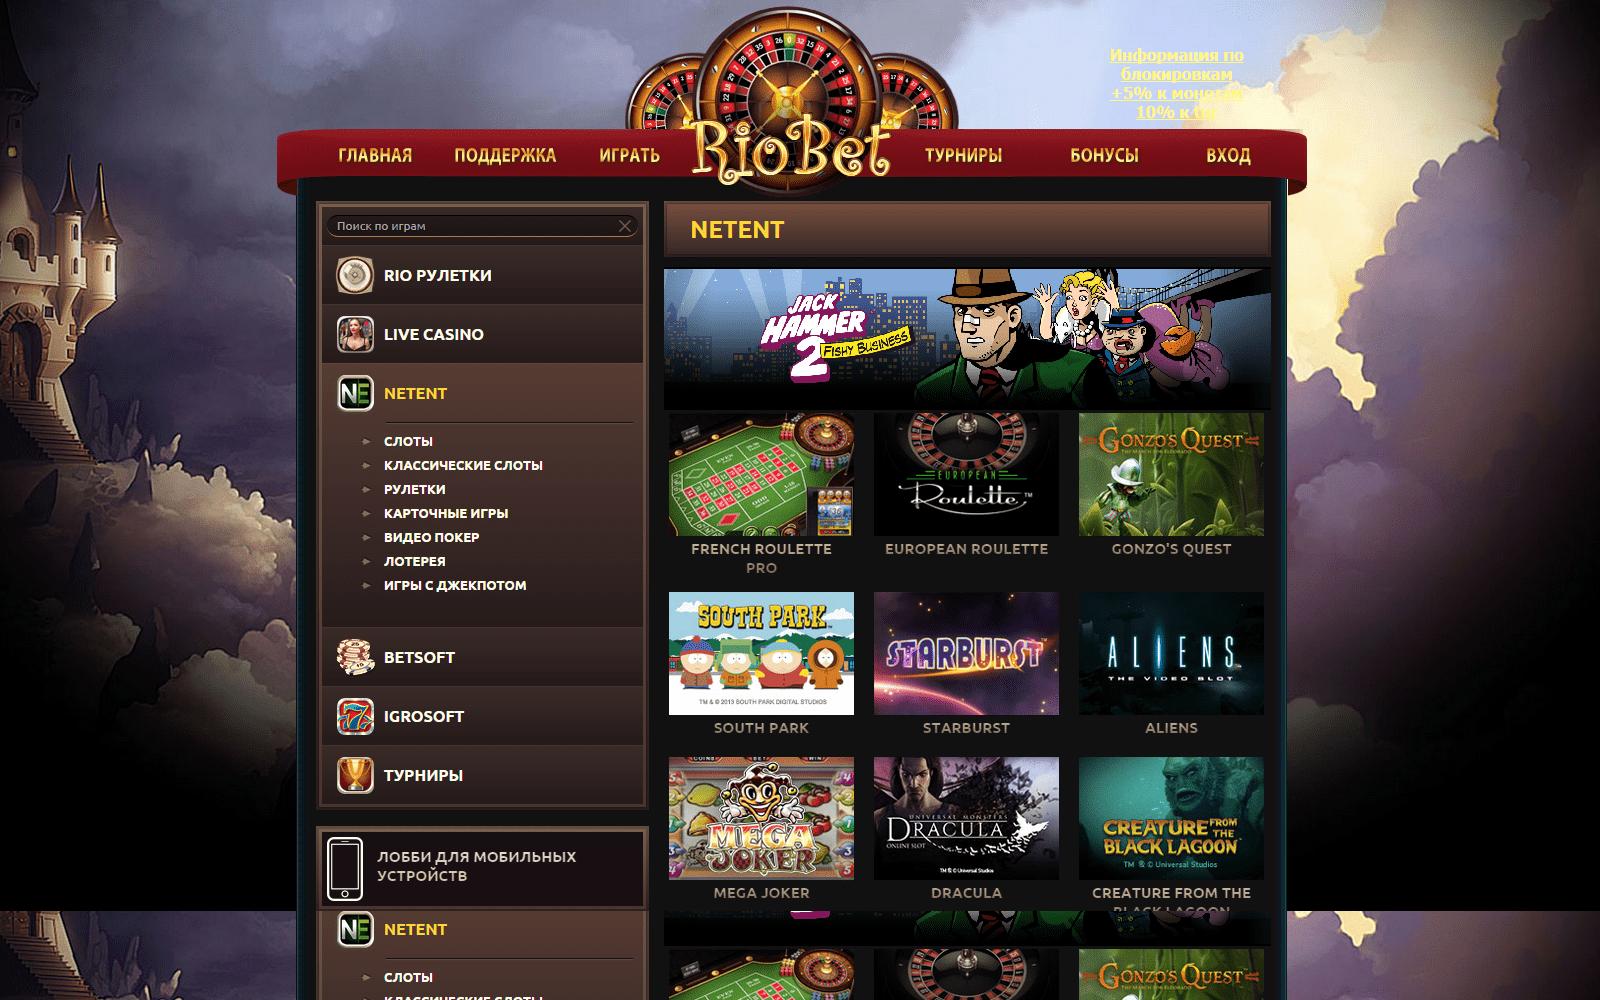 Официальное онлайн казино Риобет